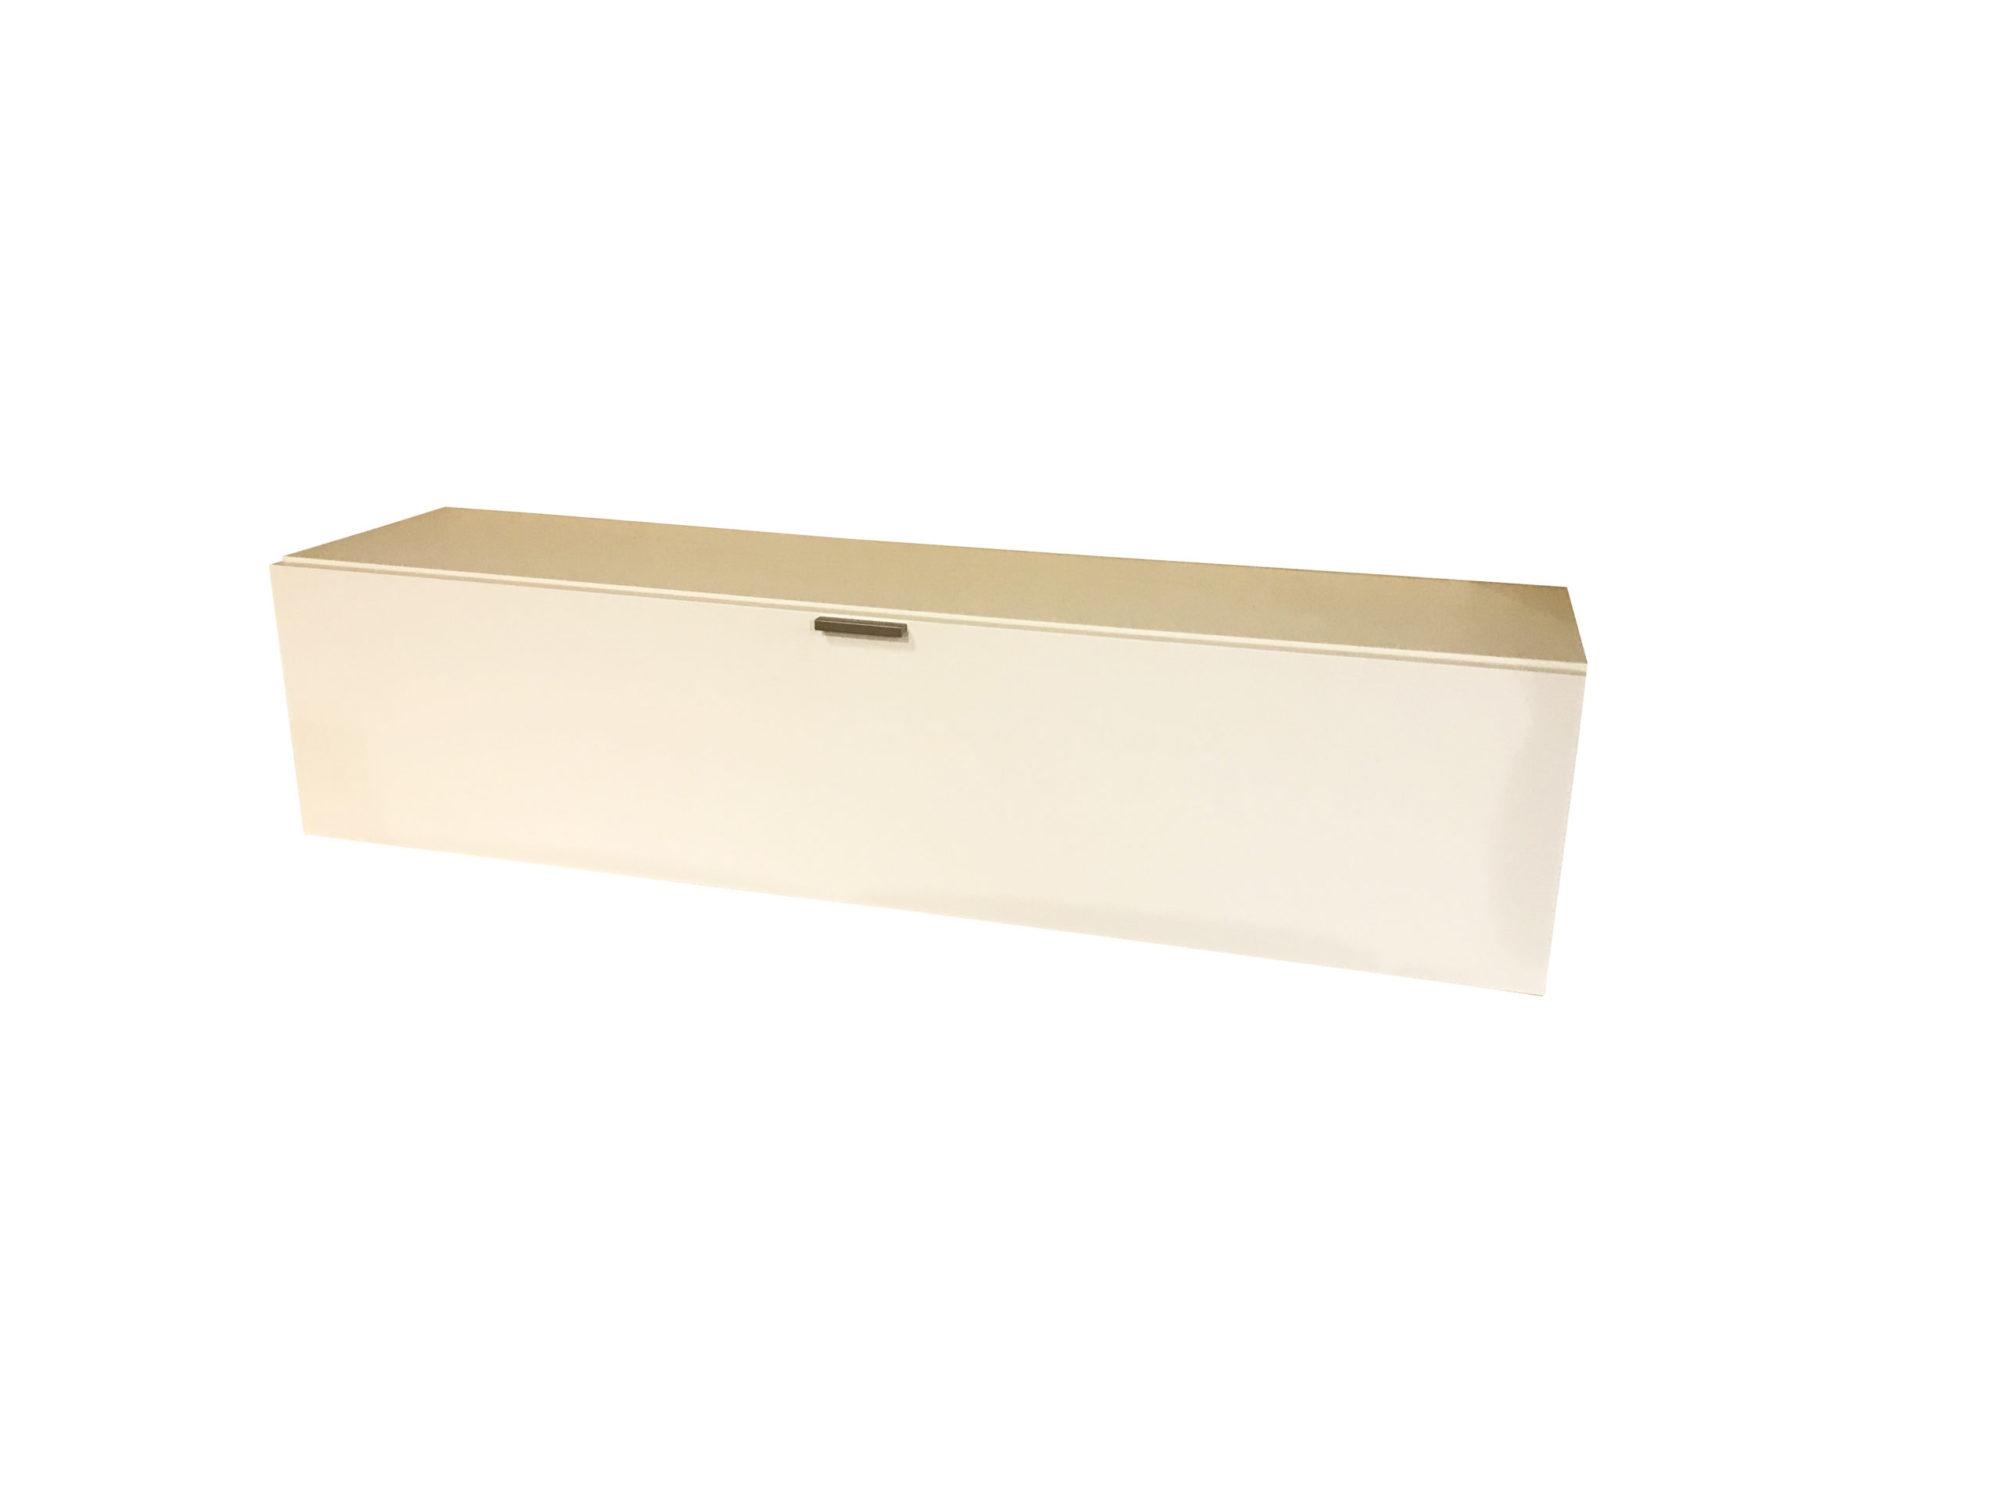 Hängeschrank in weiß als Ausstellungsstück im Abverkauf